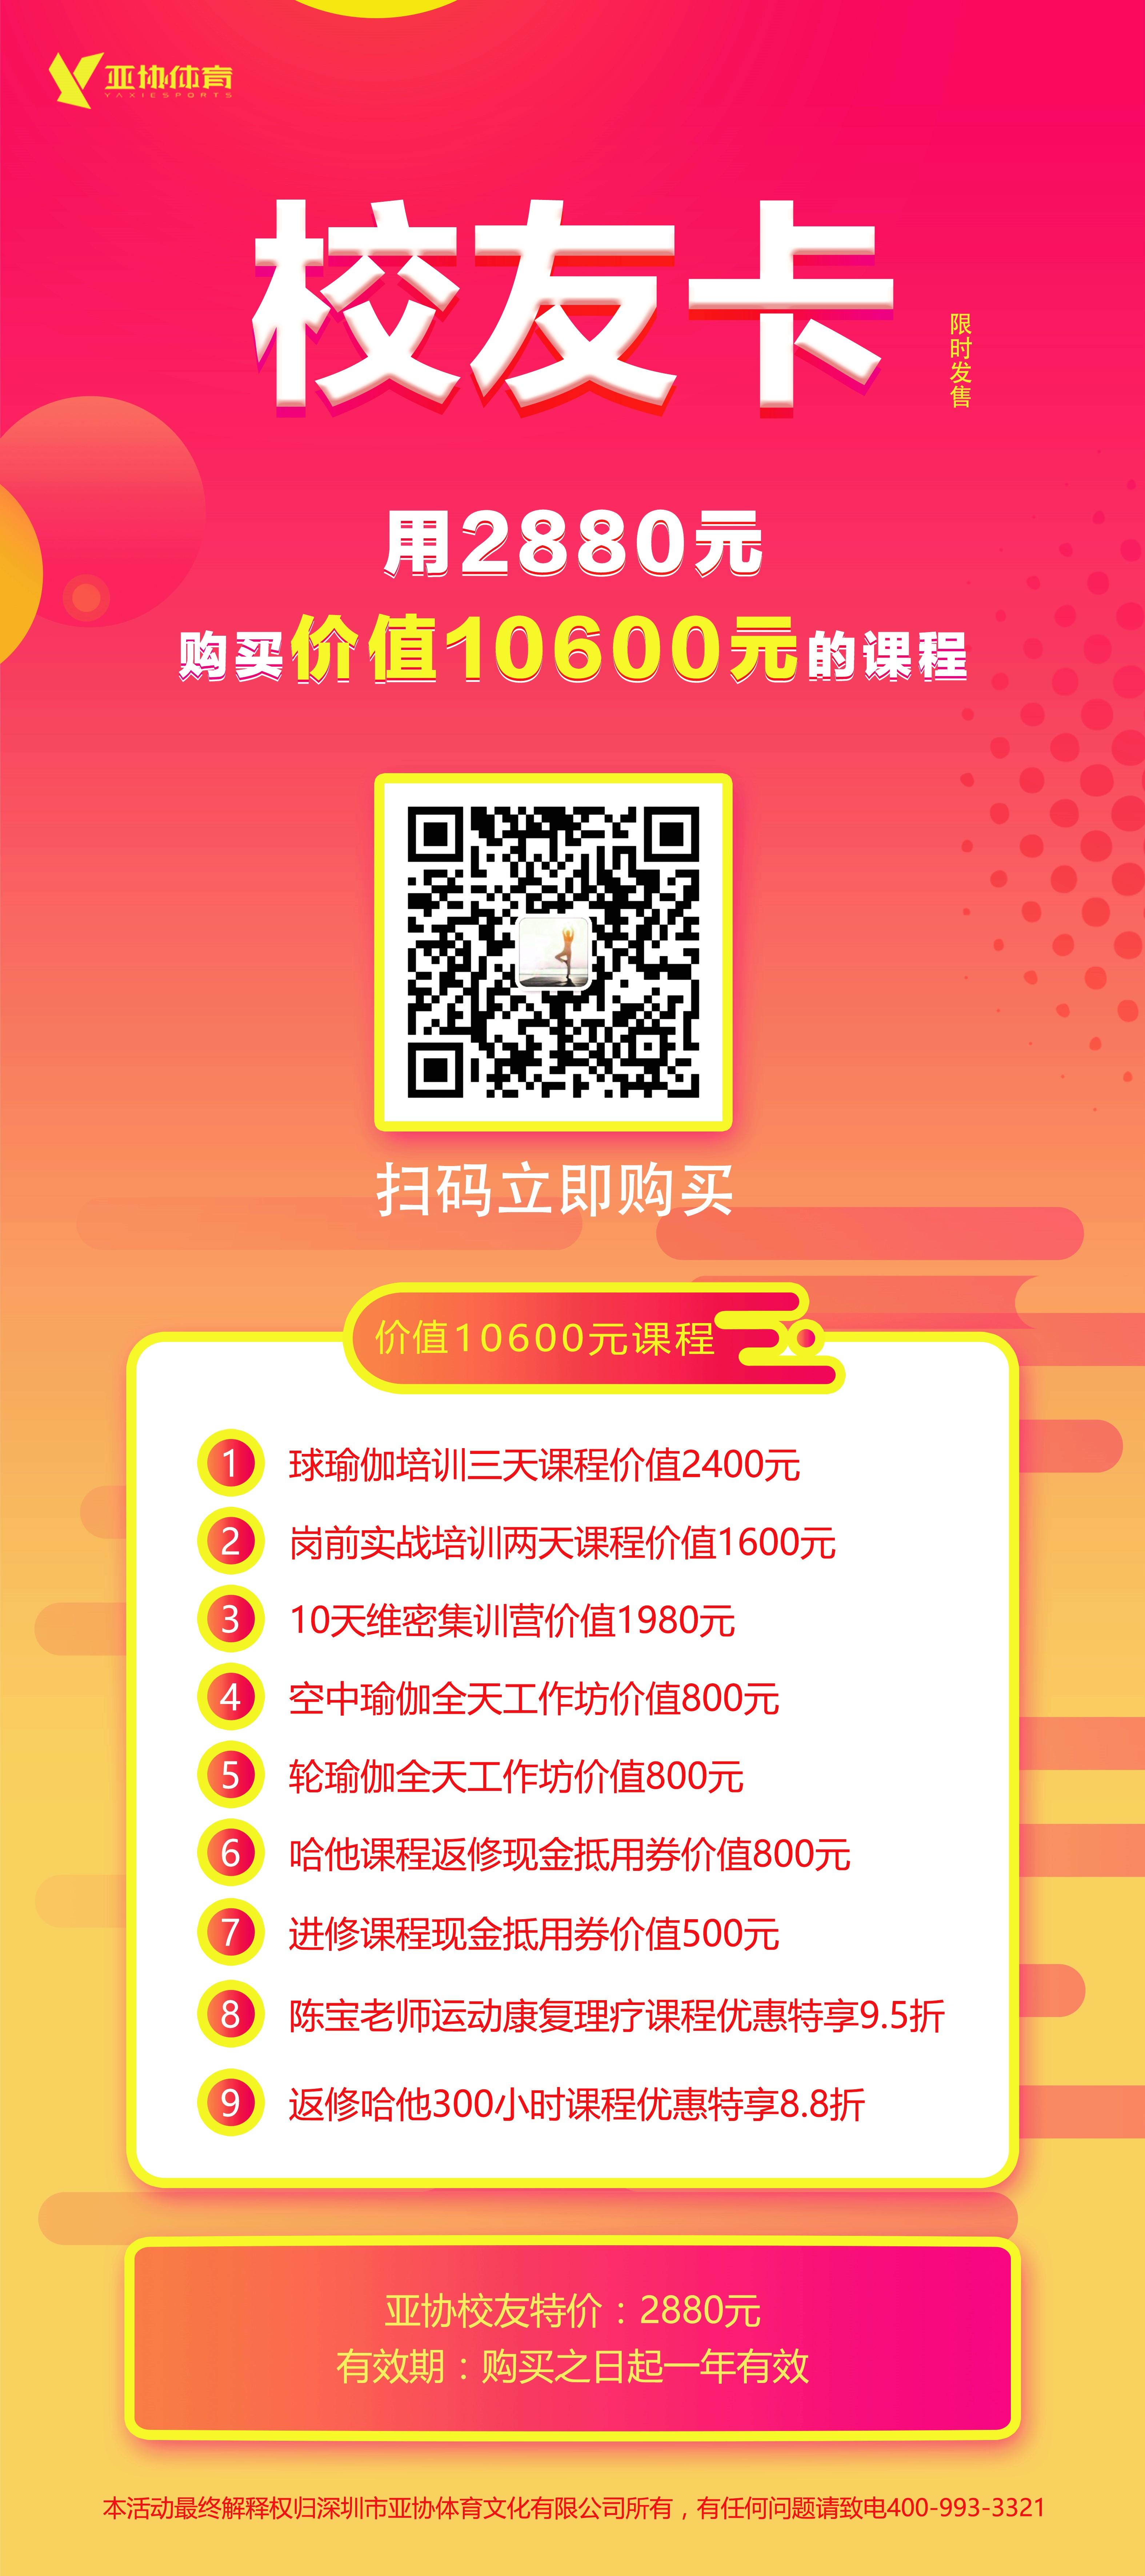 深圳亚协瑜伽低至28折的超强优惠,你不看下吗?